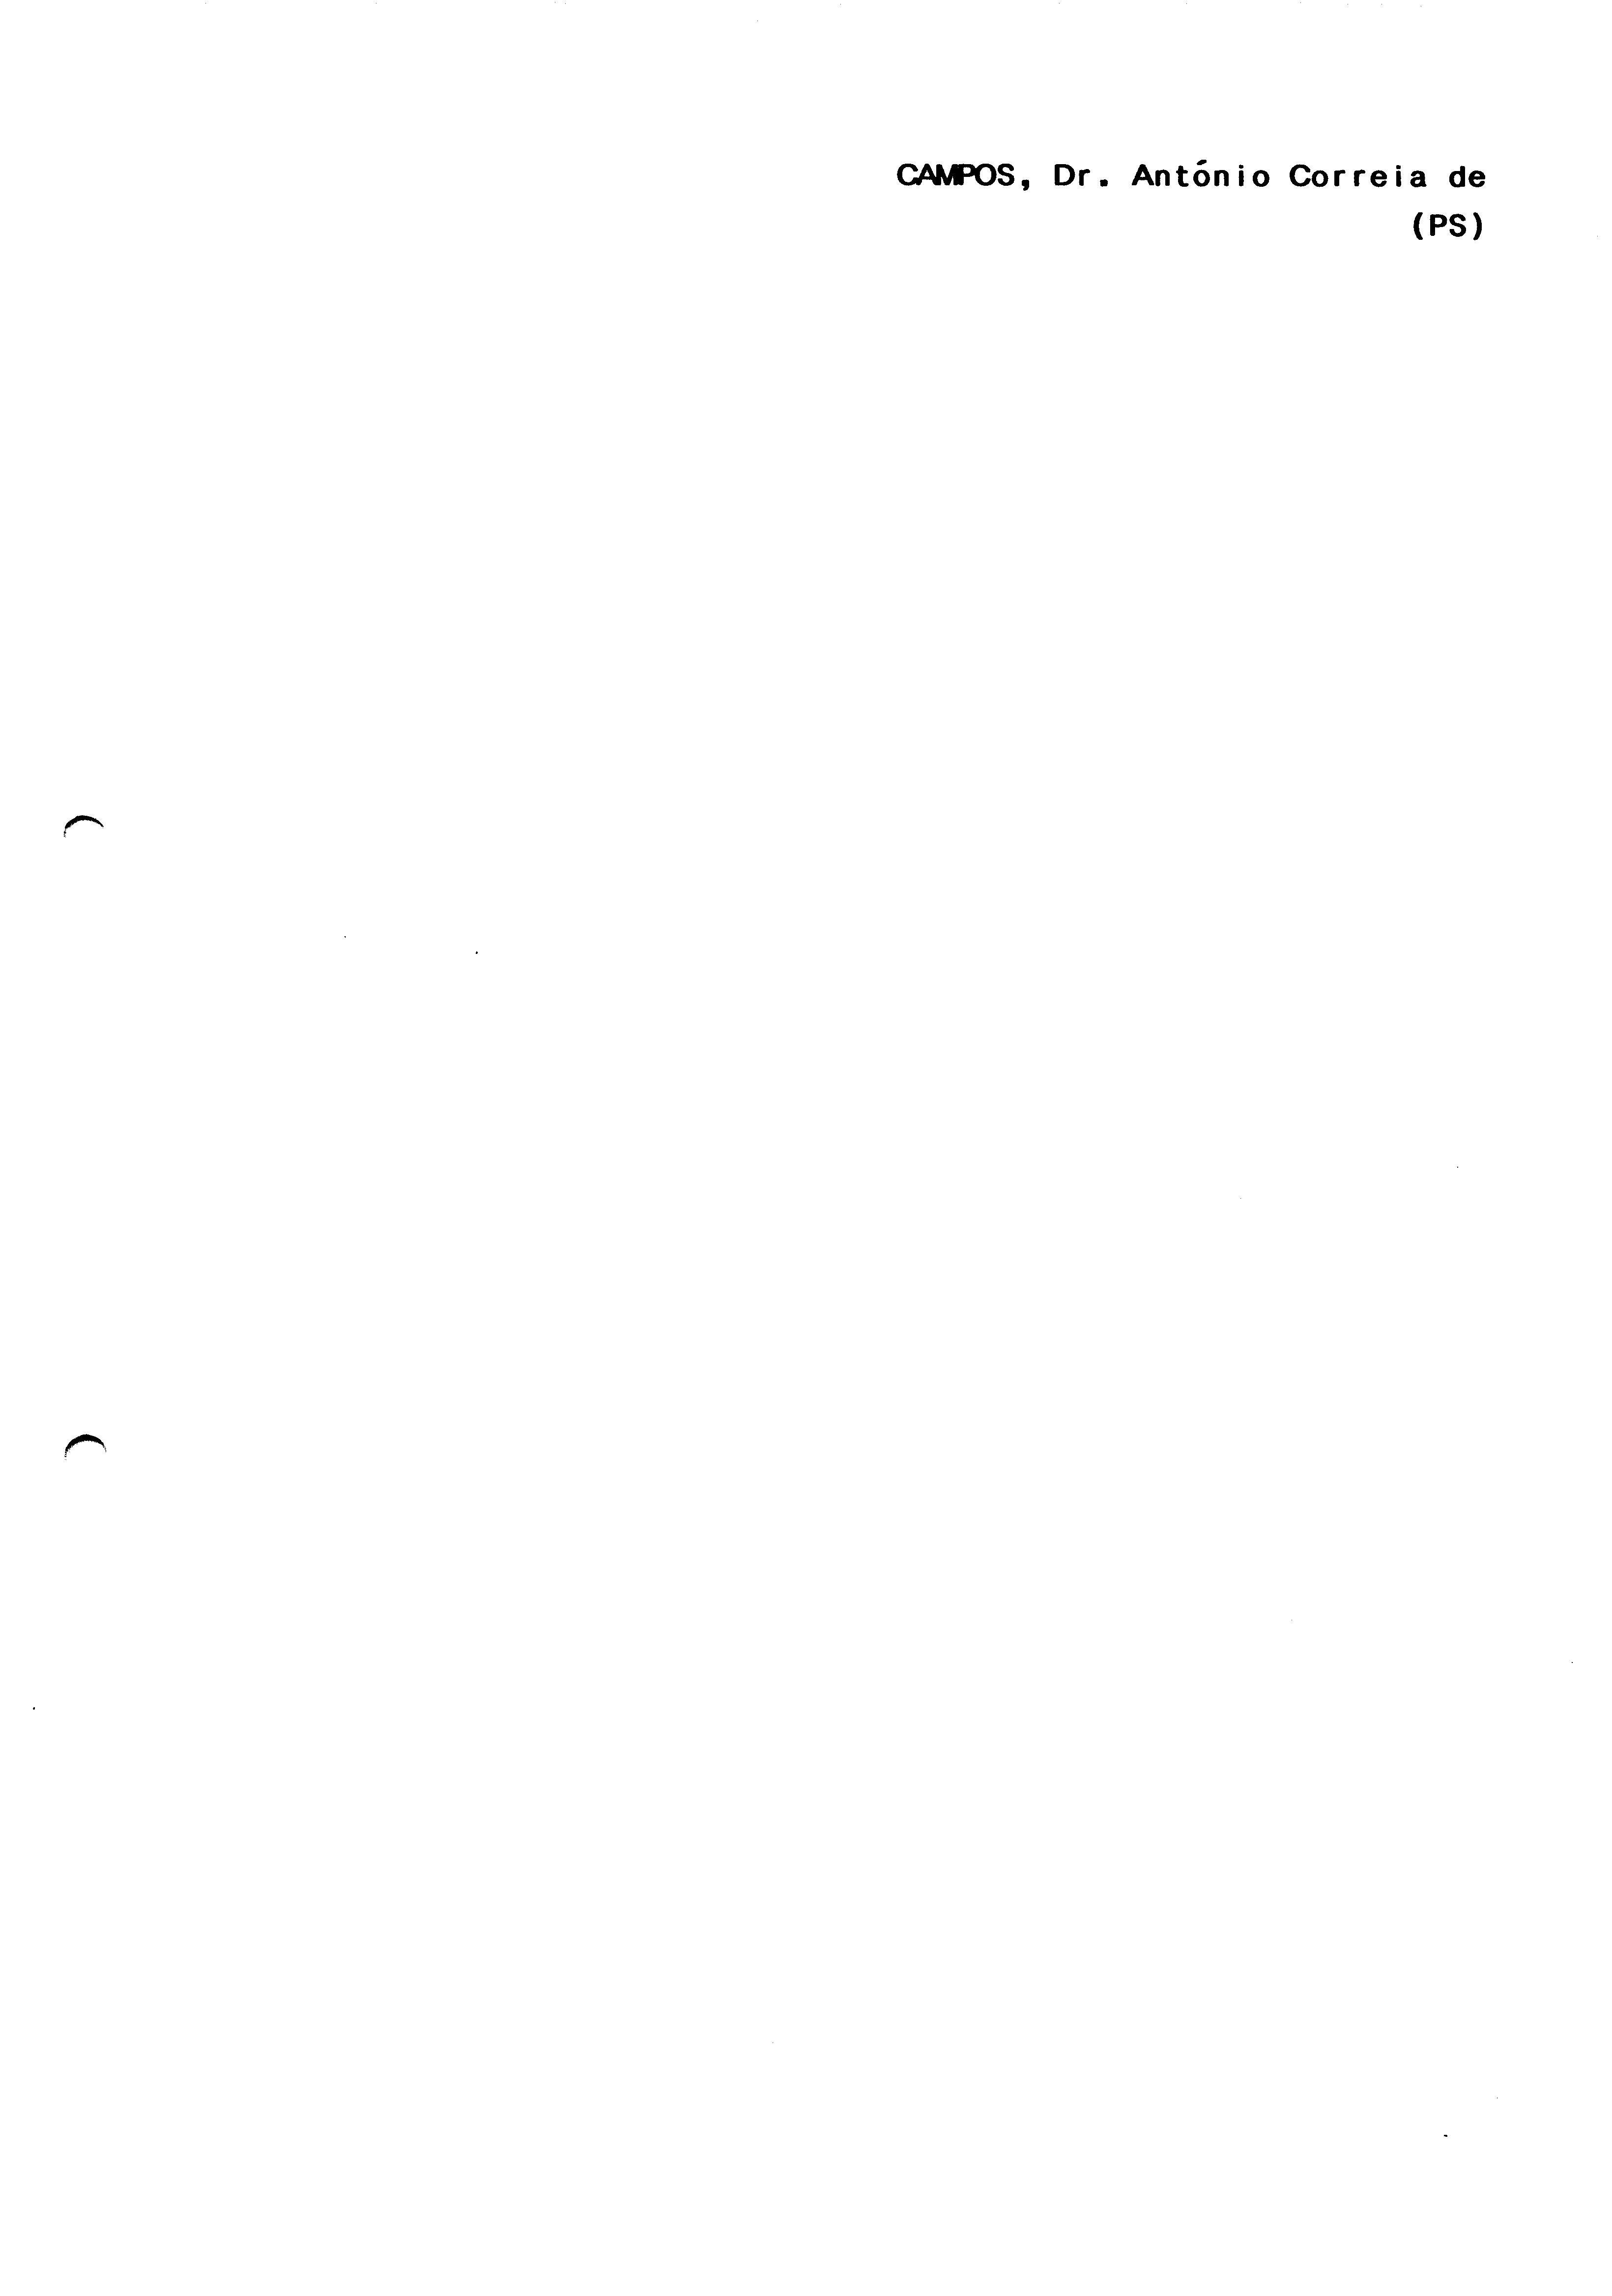 00409.027- pag.2